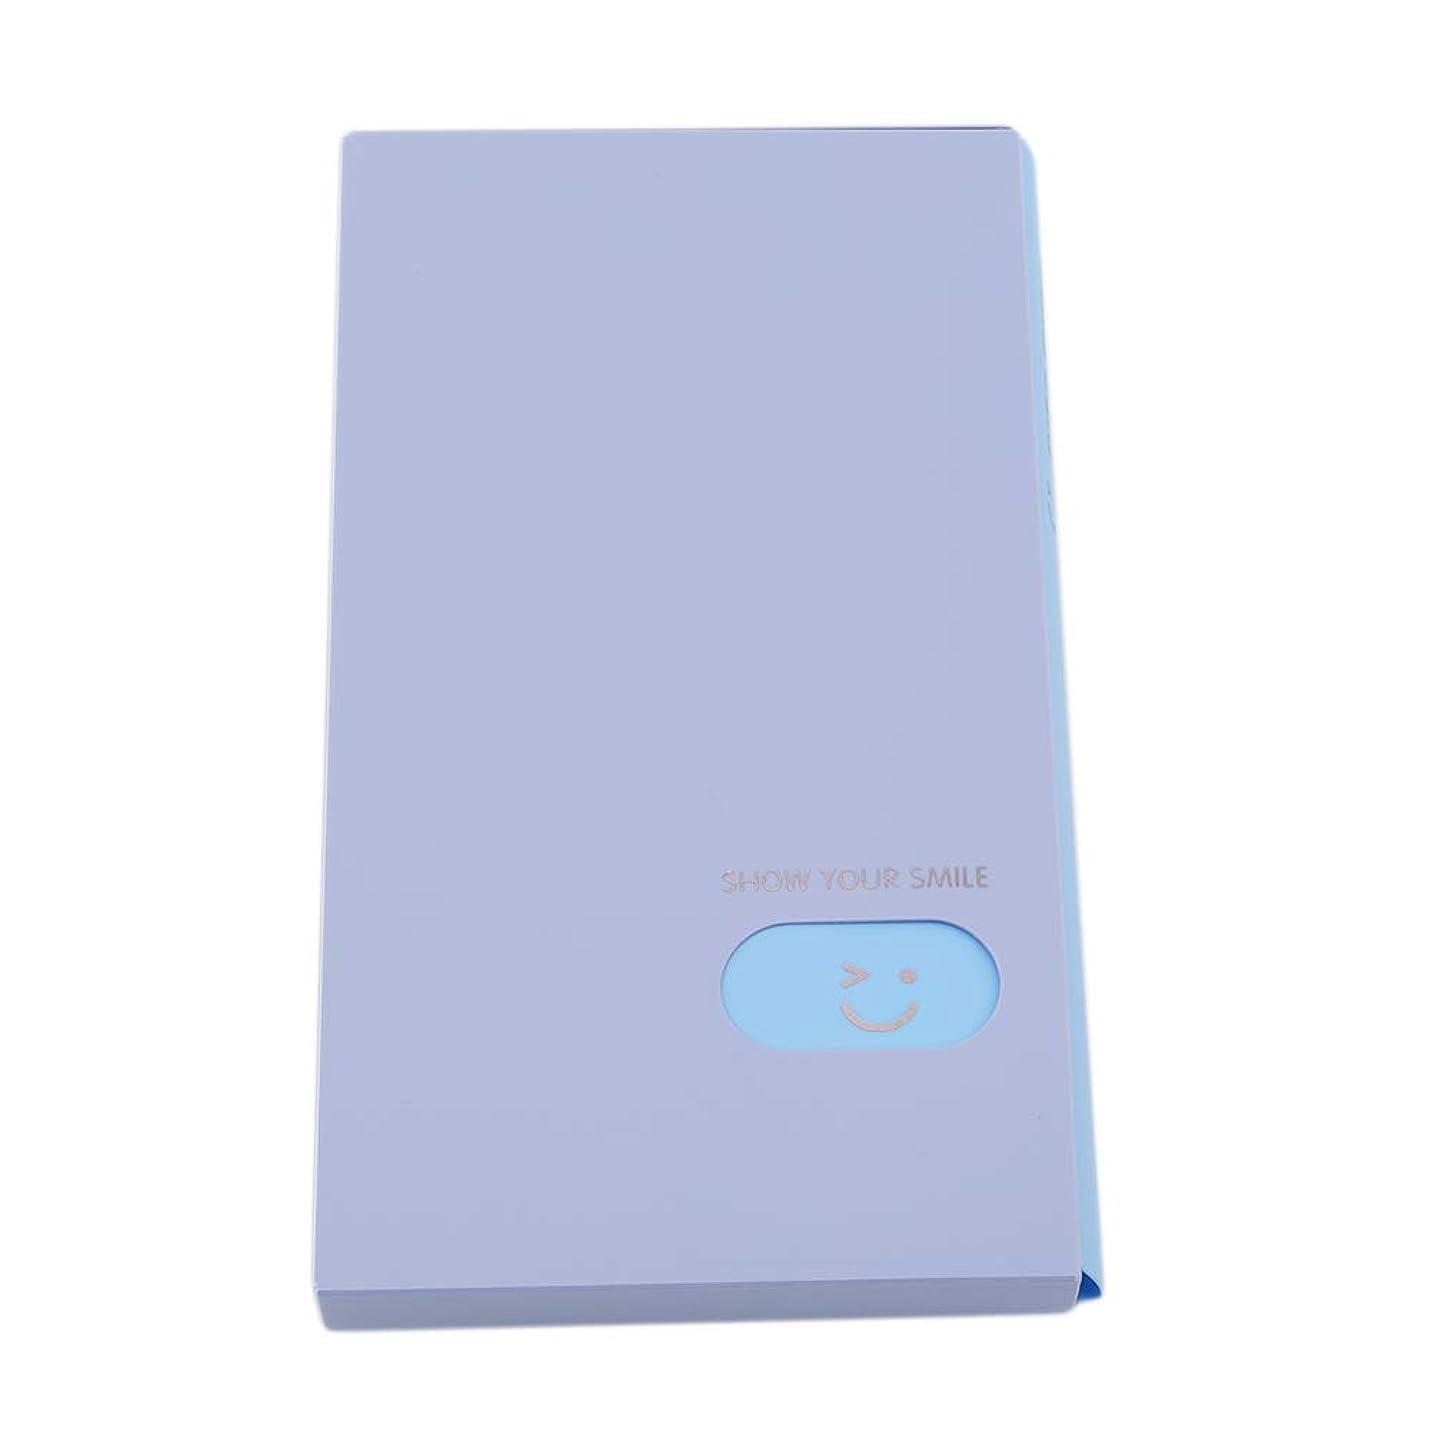 したいギャラリーサッカーBEE&BLUE 通帳ケース カードケース カード入れ 名刺入れ 大容量 磁気防止 大容量 薄型 メンズ 男女兼用 120枚